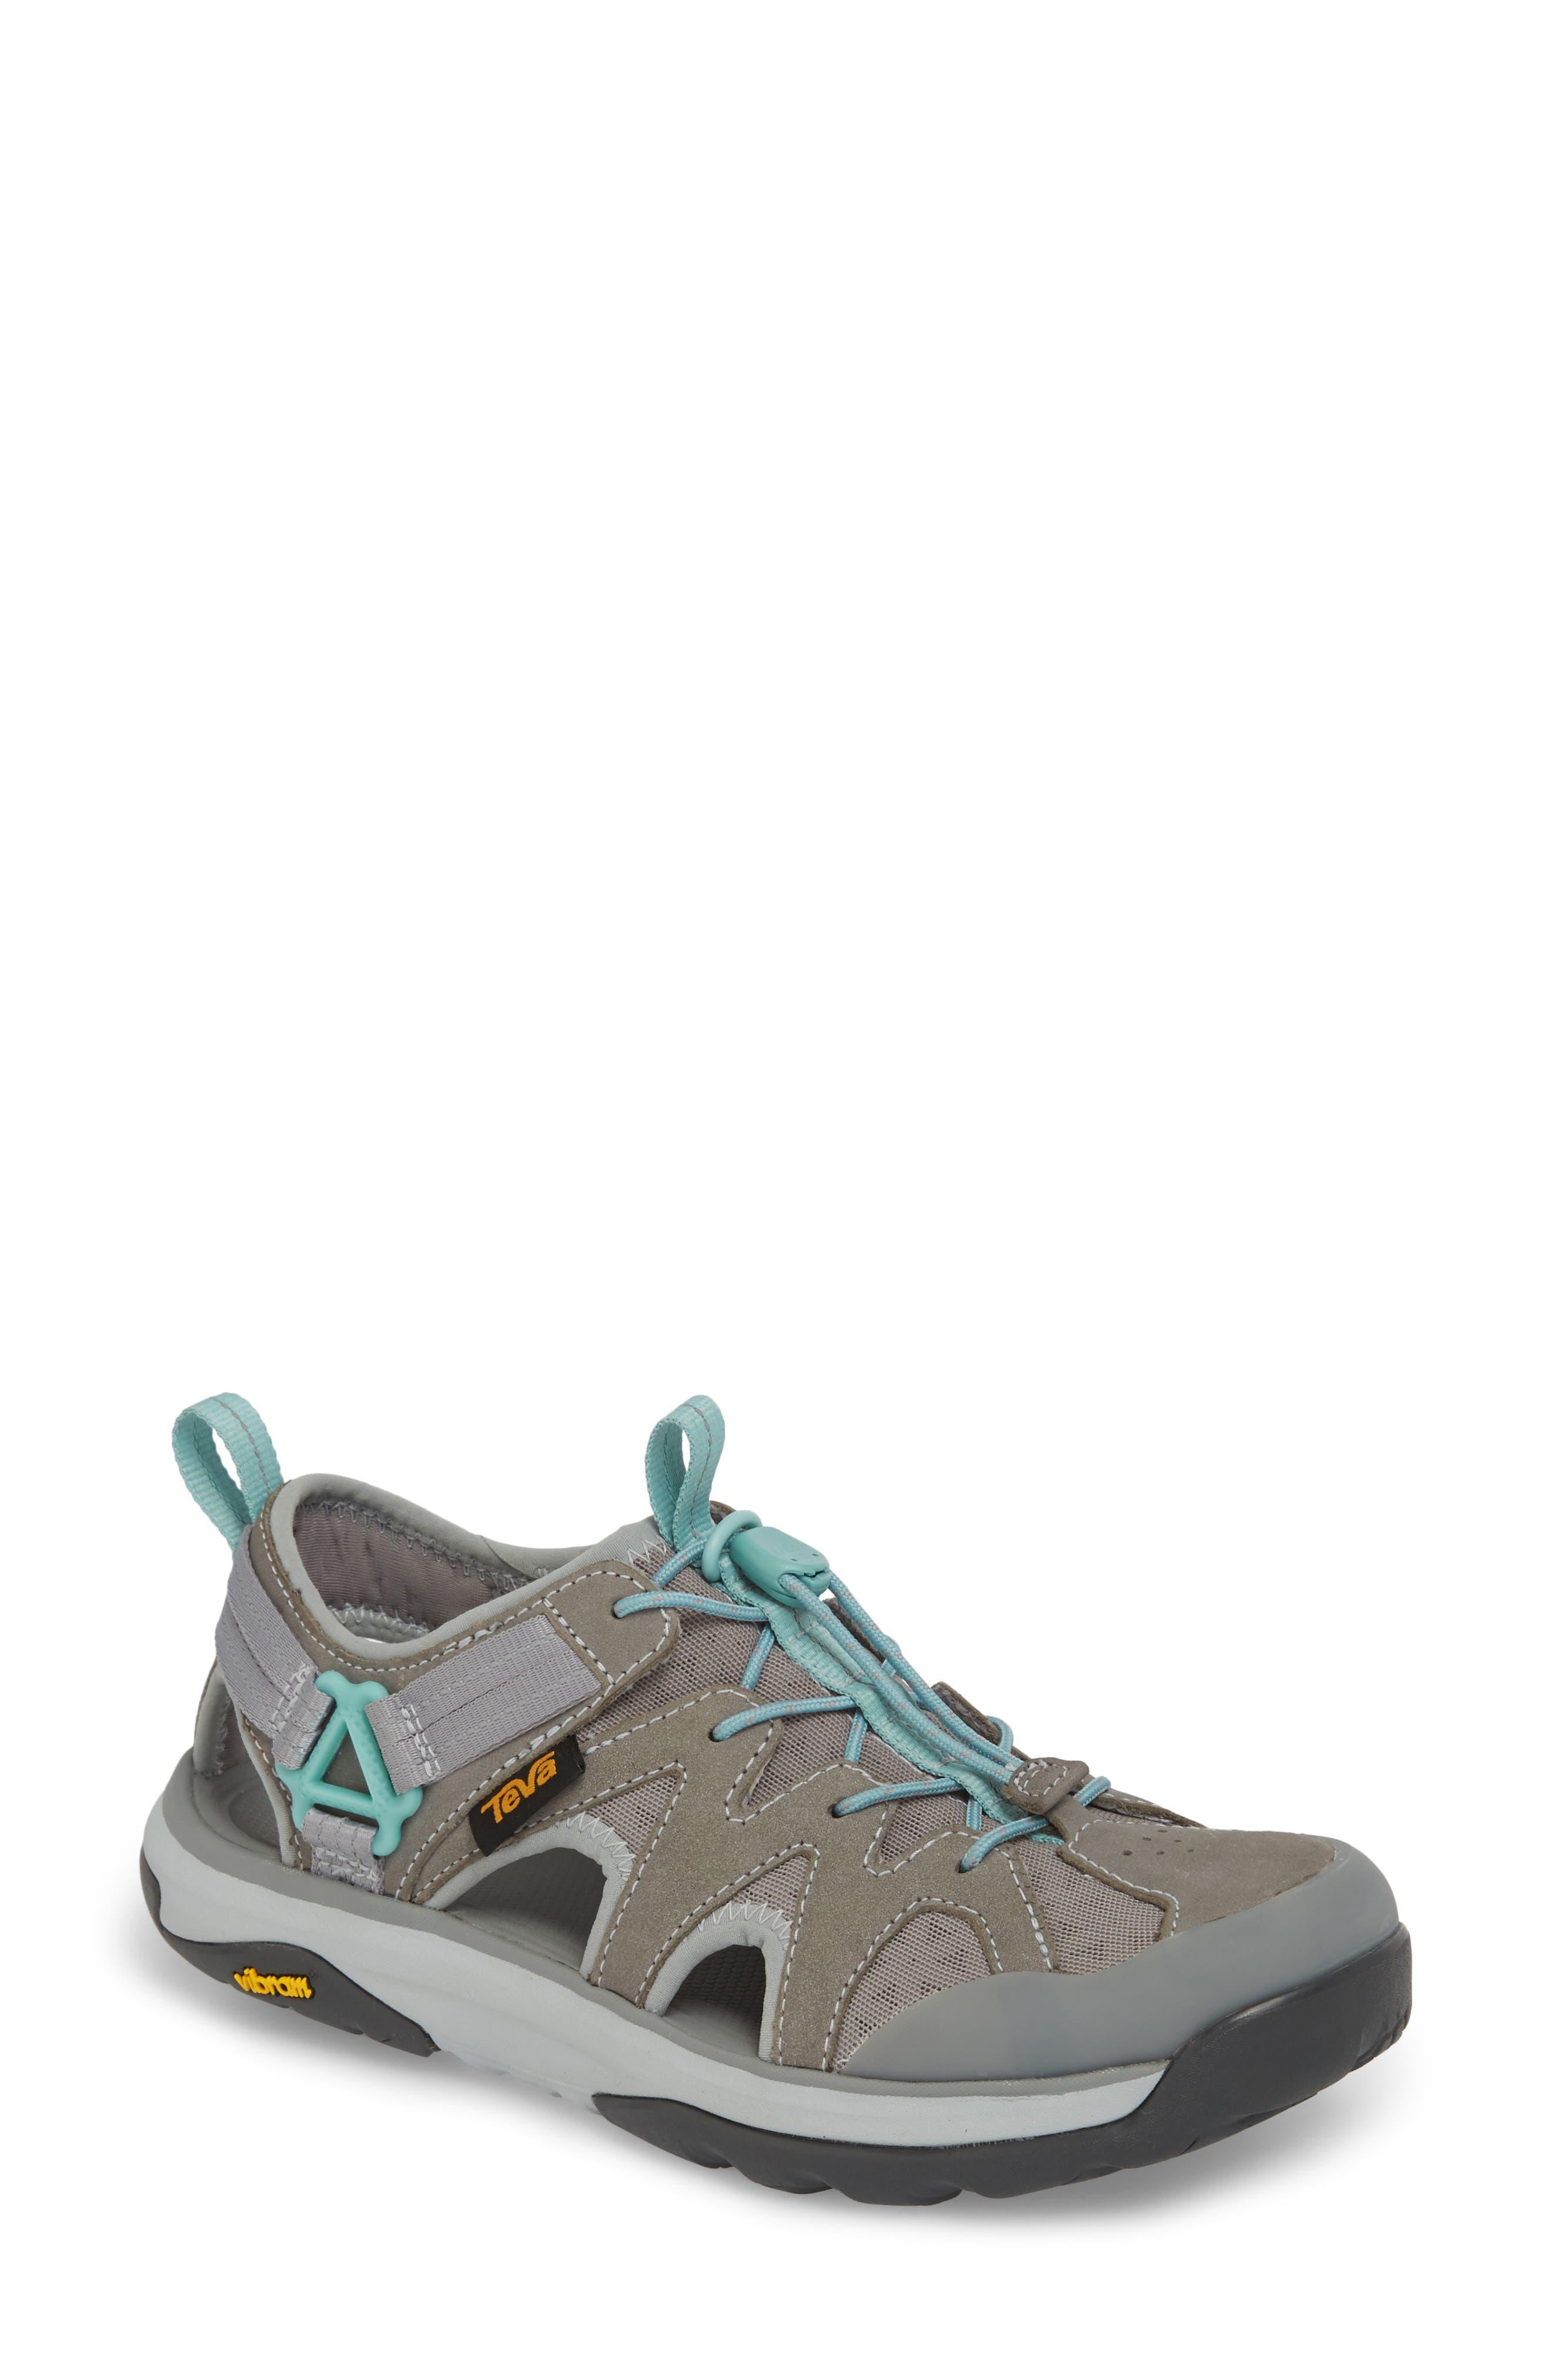 Terra Float Active Sandal,                             Main thumbnail 1, color,                             Wild Dove